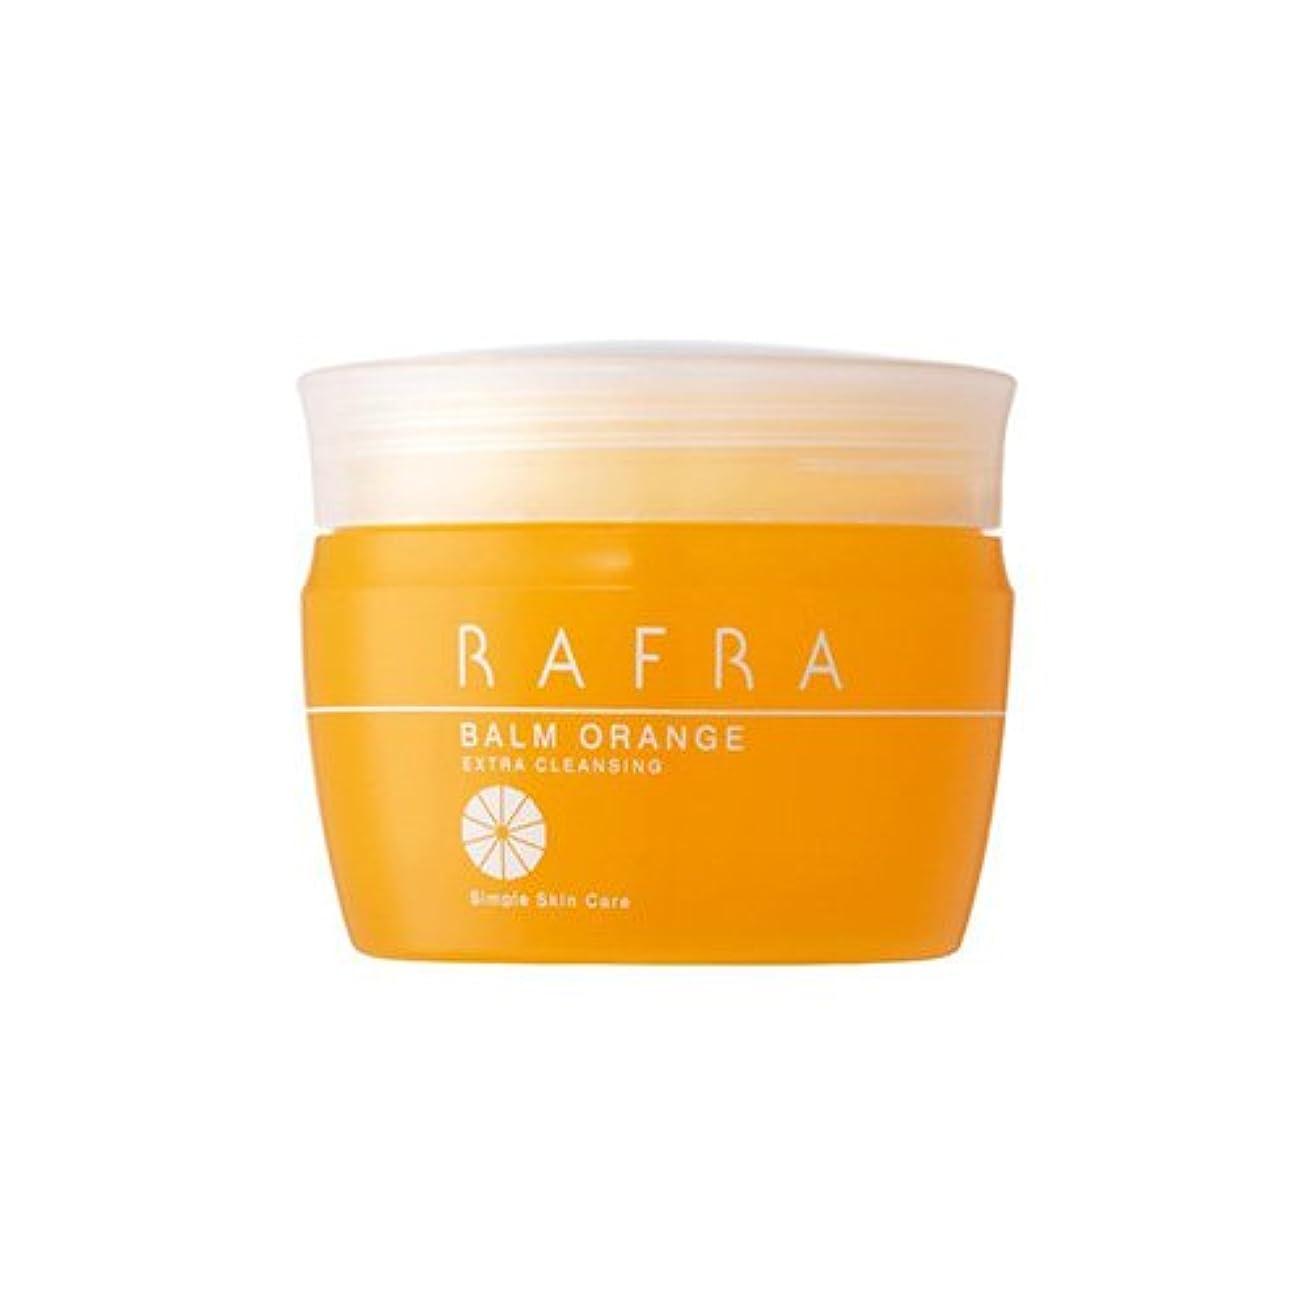 時々時々許されるエキサイティングレノアジャパン RAFRA(ラフラ) バームオレンジ 100g